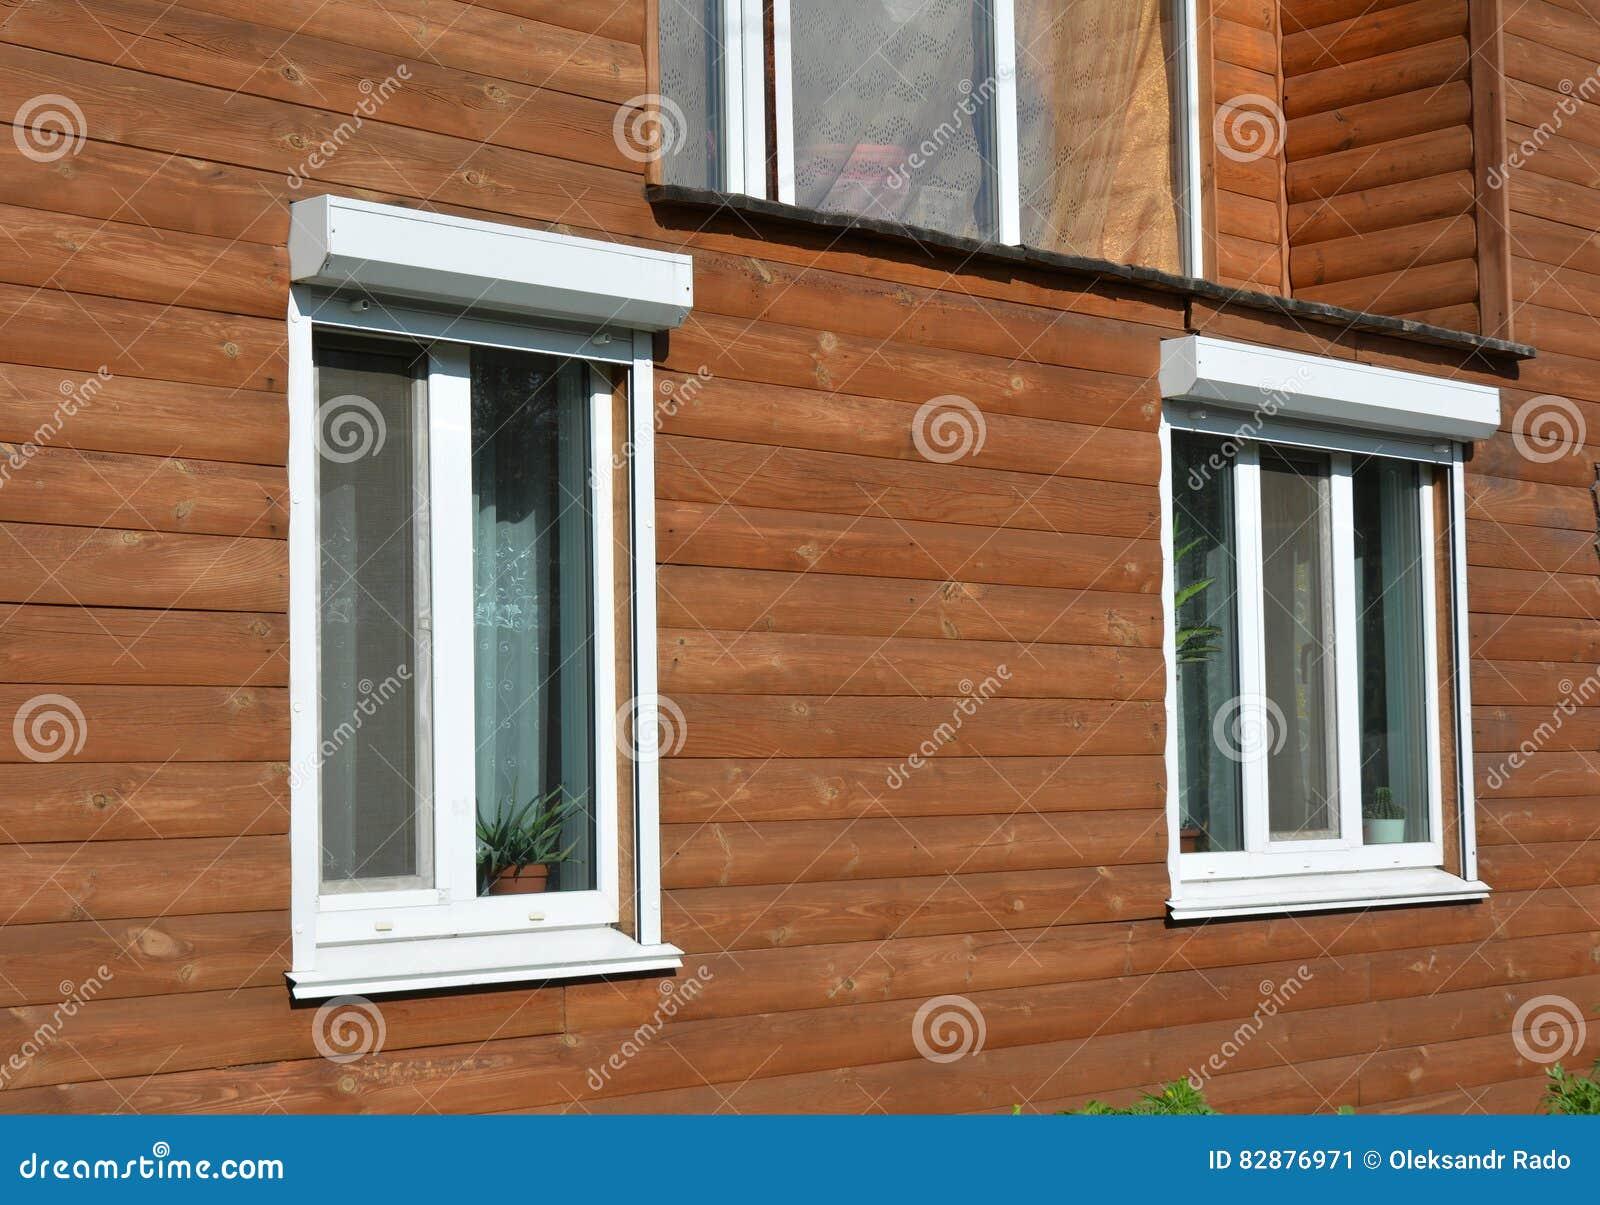 windows con la persiana enrrollable en el exterior de madera de la fachada de la casa